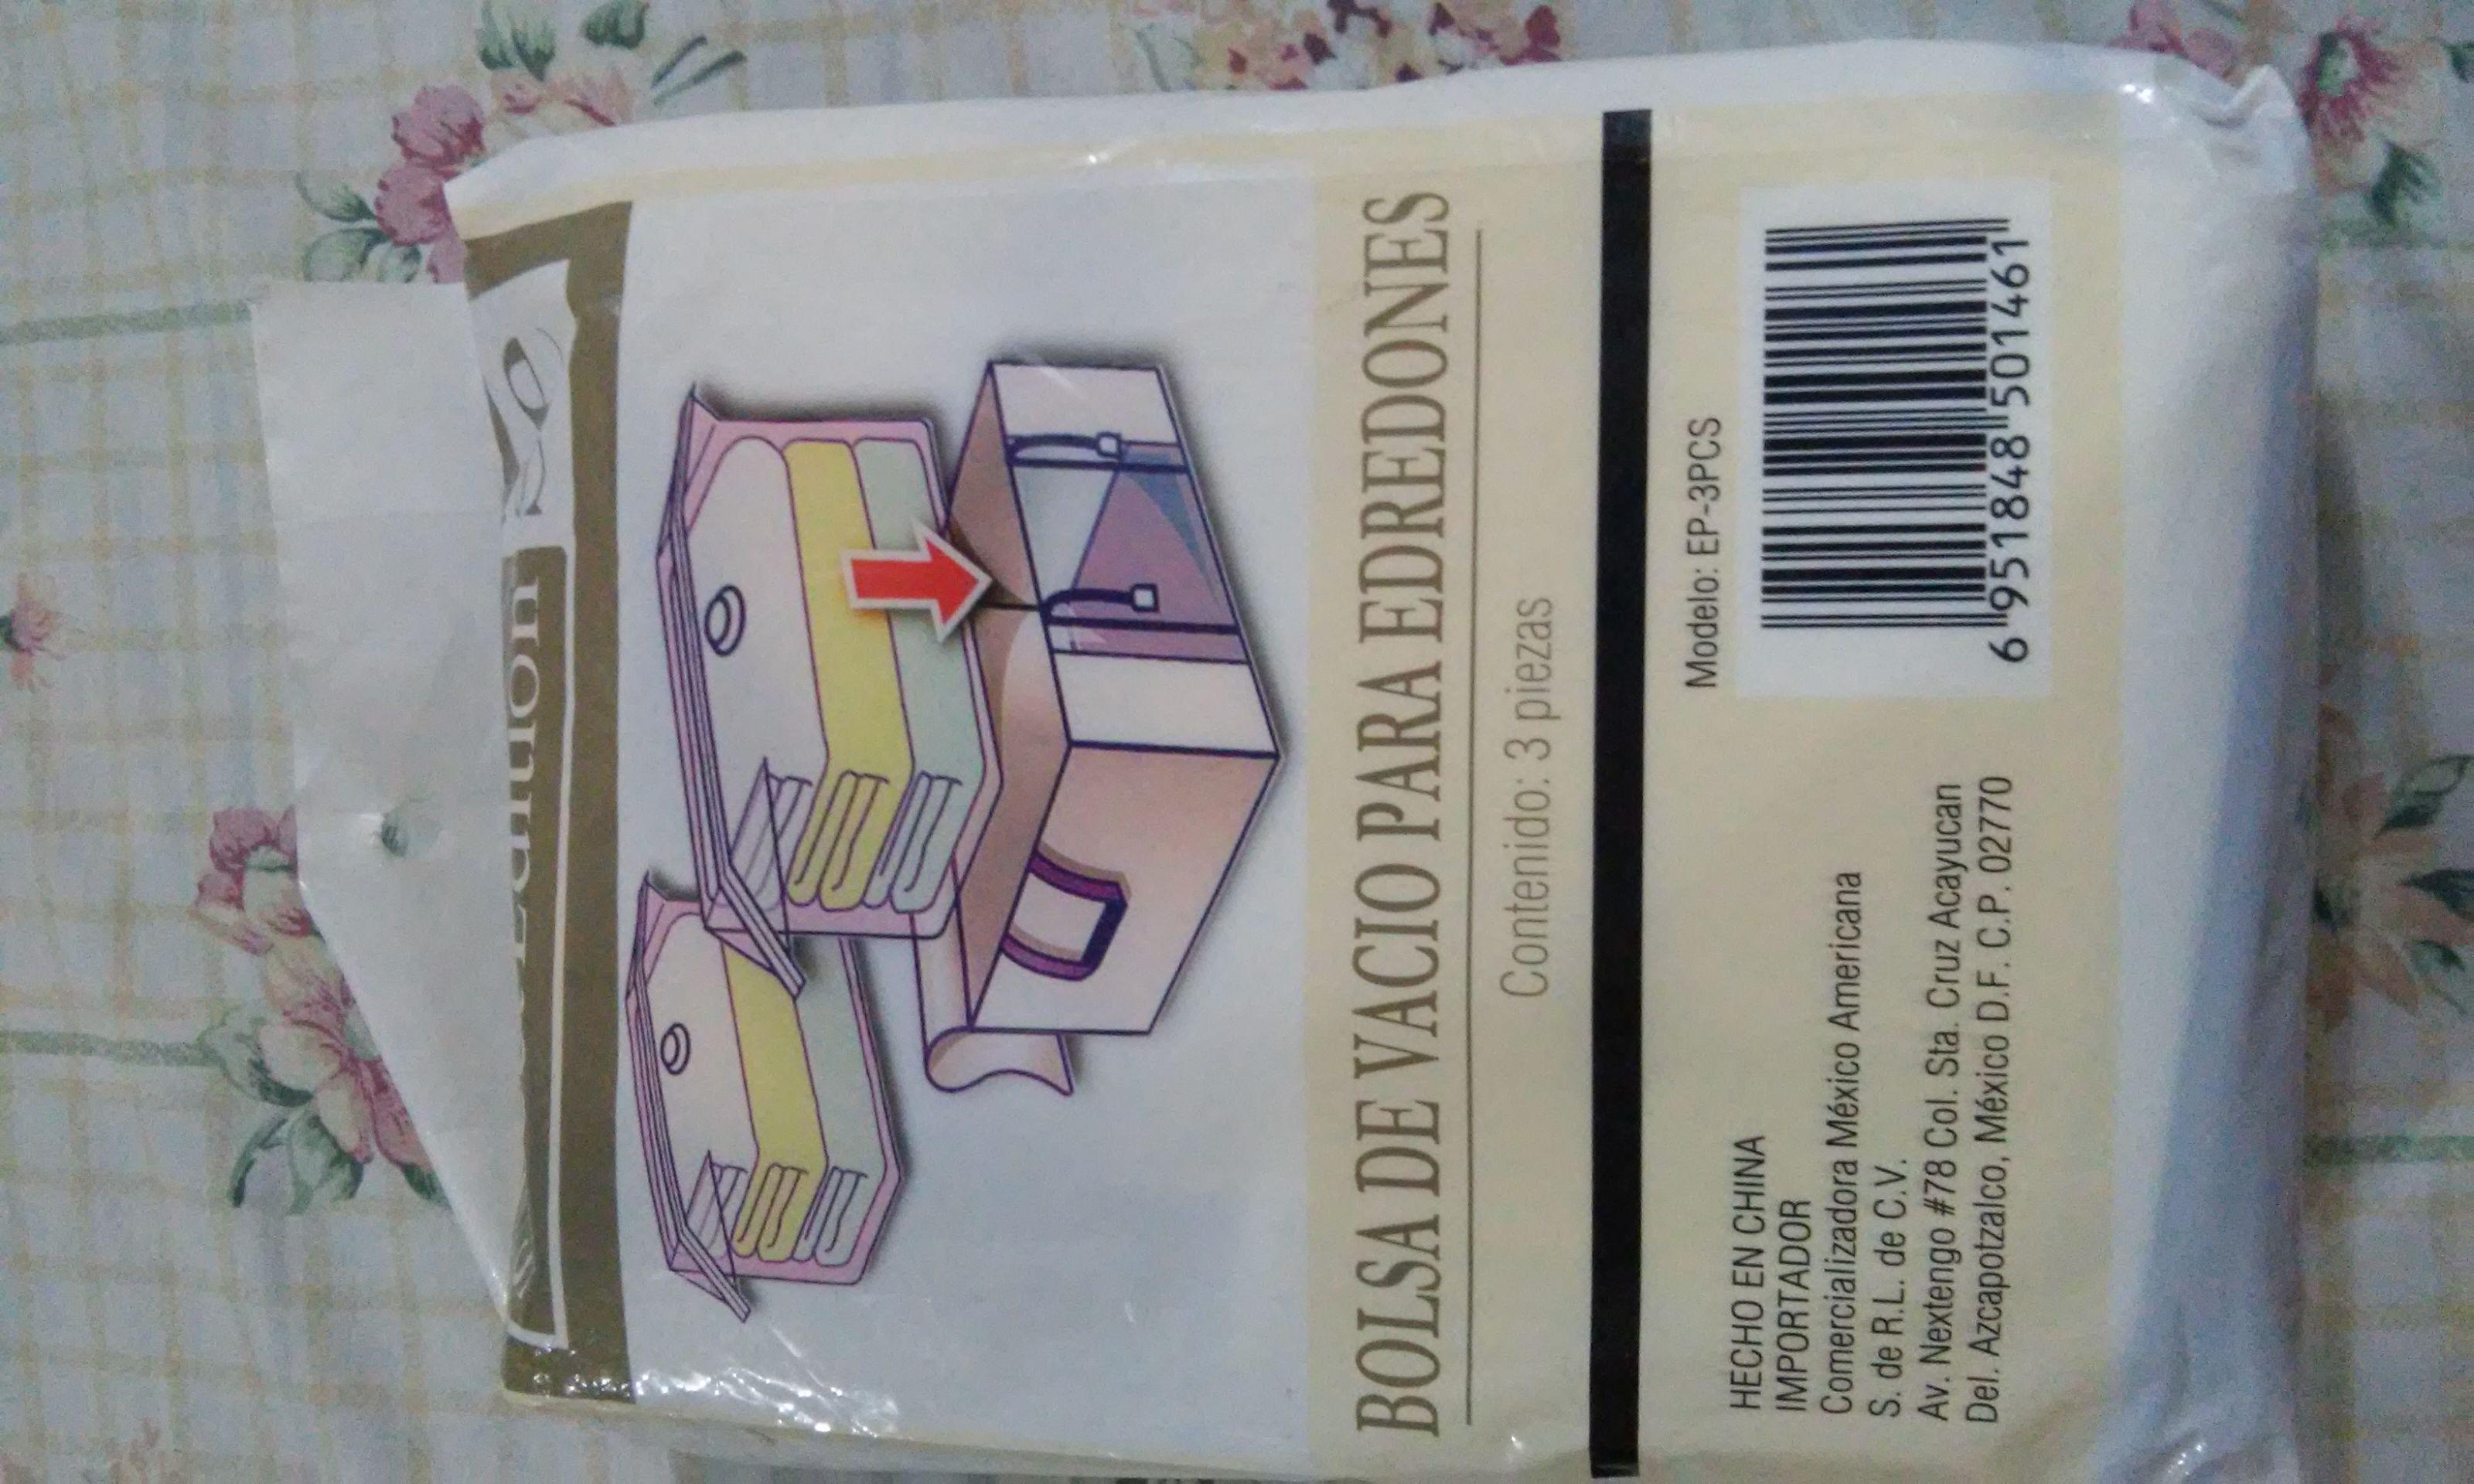 Walmart Salina Cruz: paquete de 3 bolsas $10.03 , caja para par de zapatos $1.03 y más.